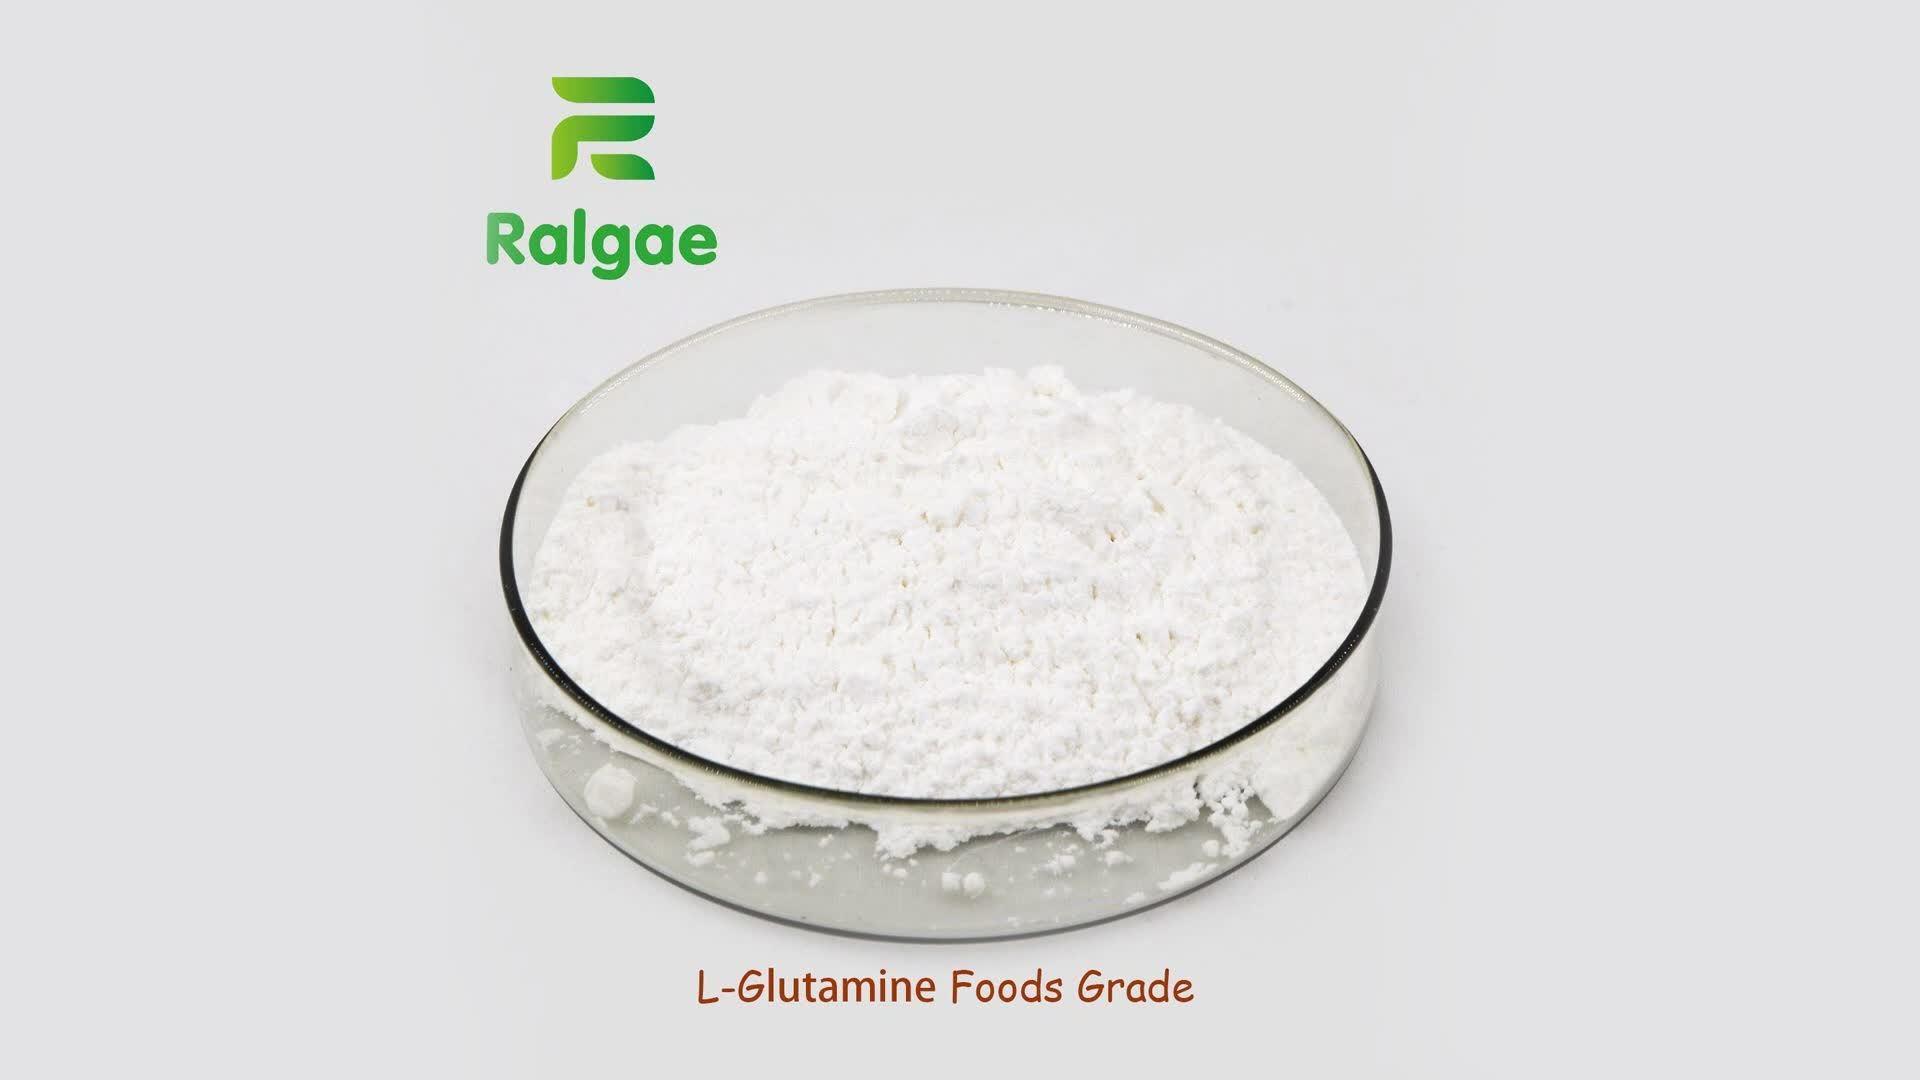 L-Glutamina Nutrición aditivos de alimentos de calidad alimentos nutracéuticos suplemento